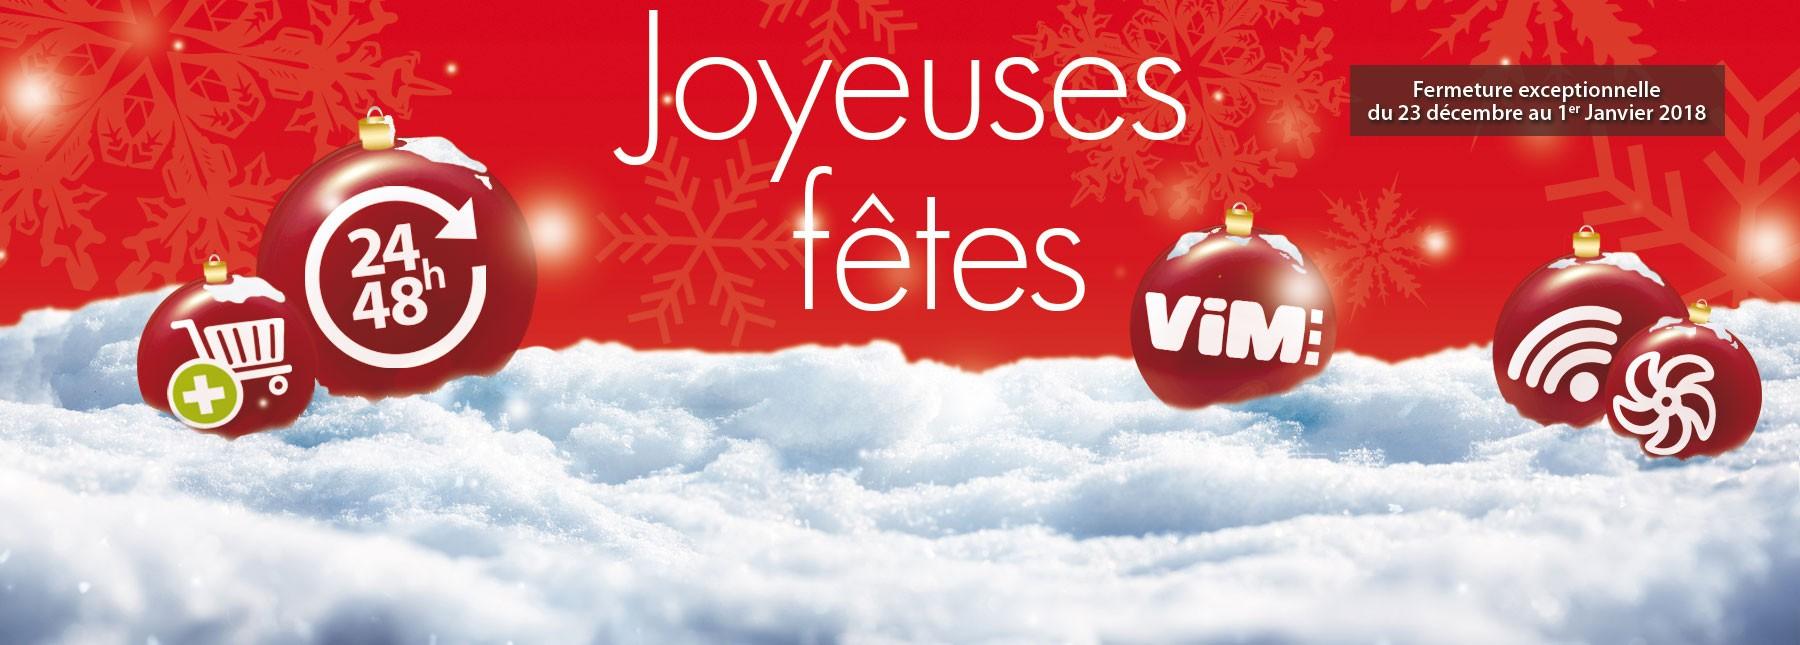 VIM vous souhaite de joyeuses fêtes 2017